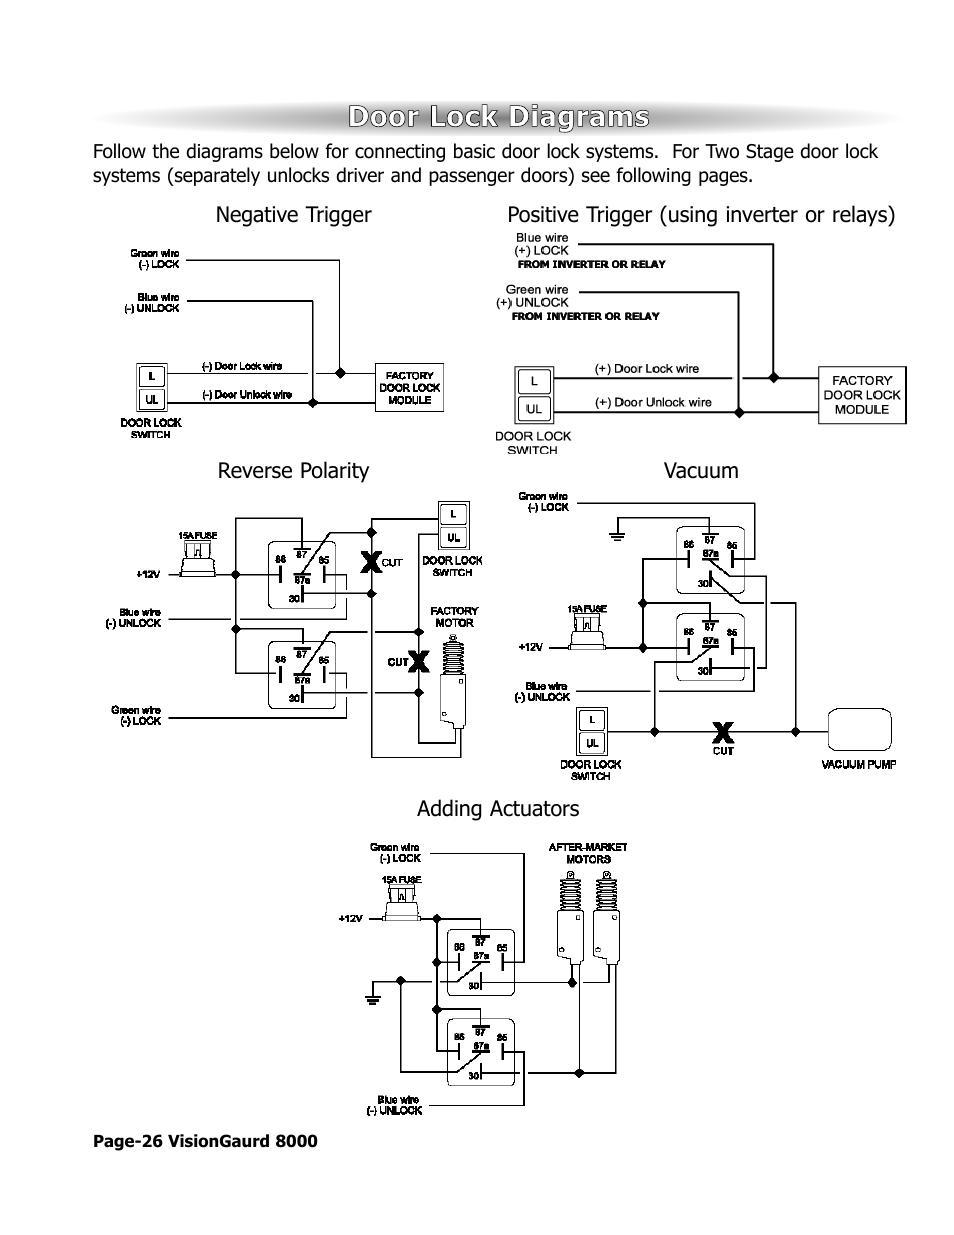 [SCHEMATICS_4JK]  Door lock diagrams | ScyTek Electronics VISIONGUARD 8000 User Manual | Page  30 / 36 | Scytek Car Wiring Diagram |  | Manuals Directory